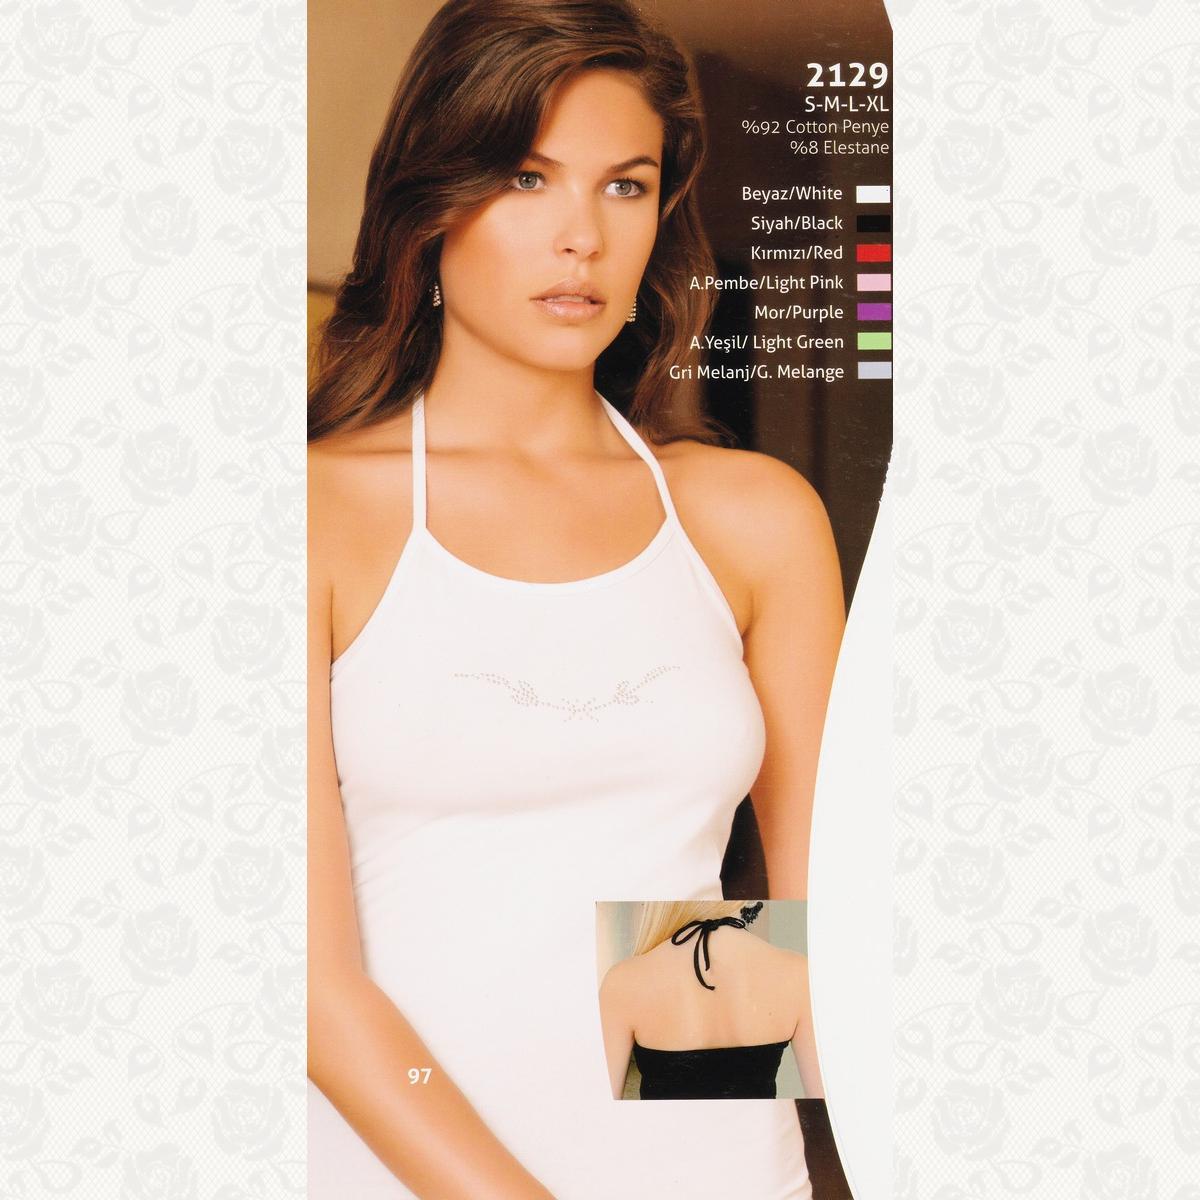 Майка женская с завязкой на шее berrak, цвет белый с фото